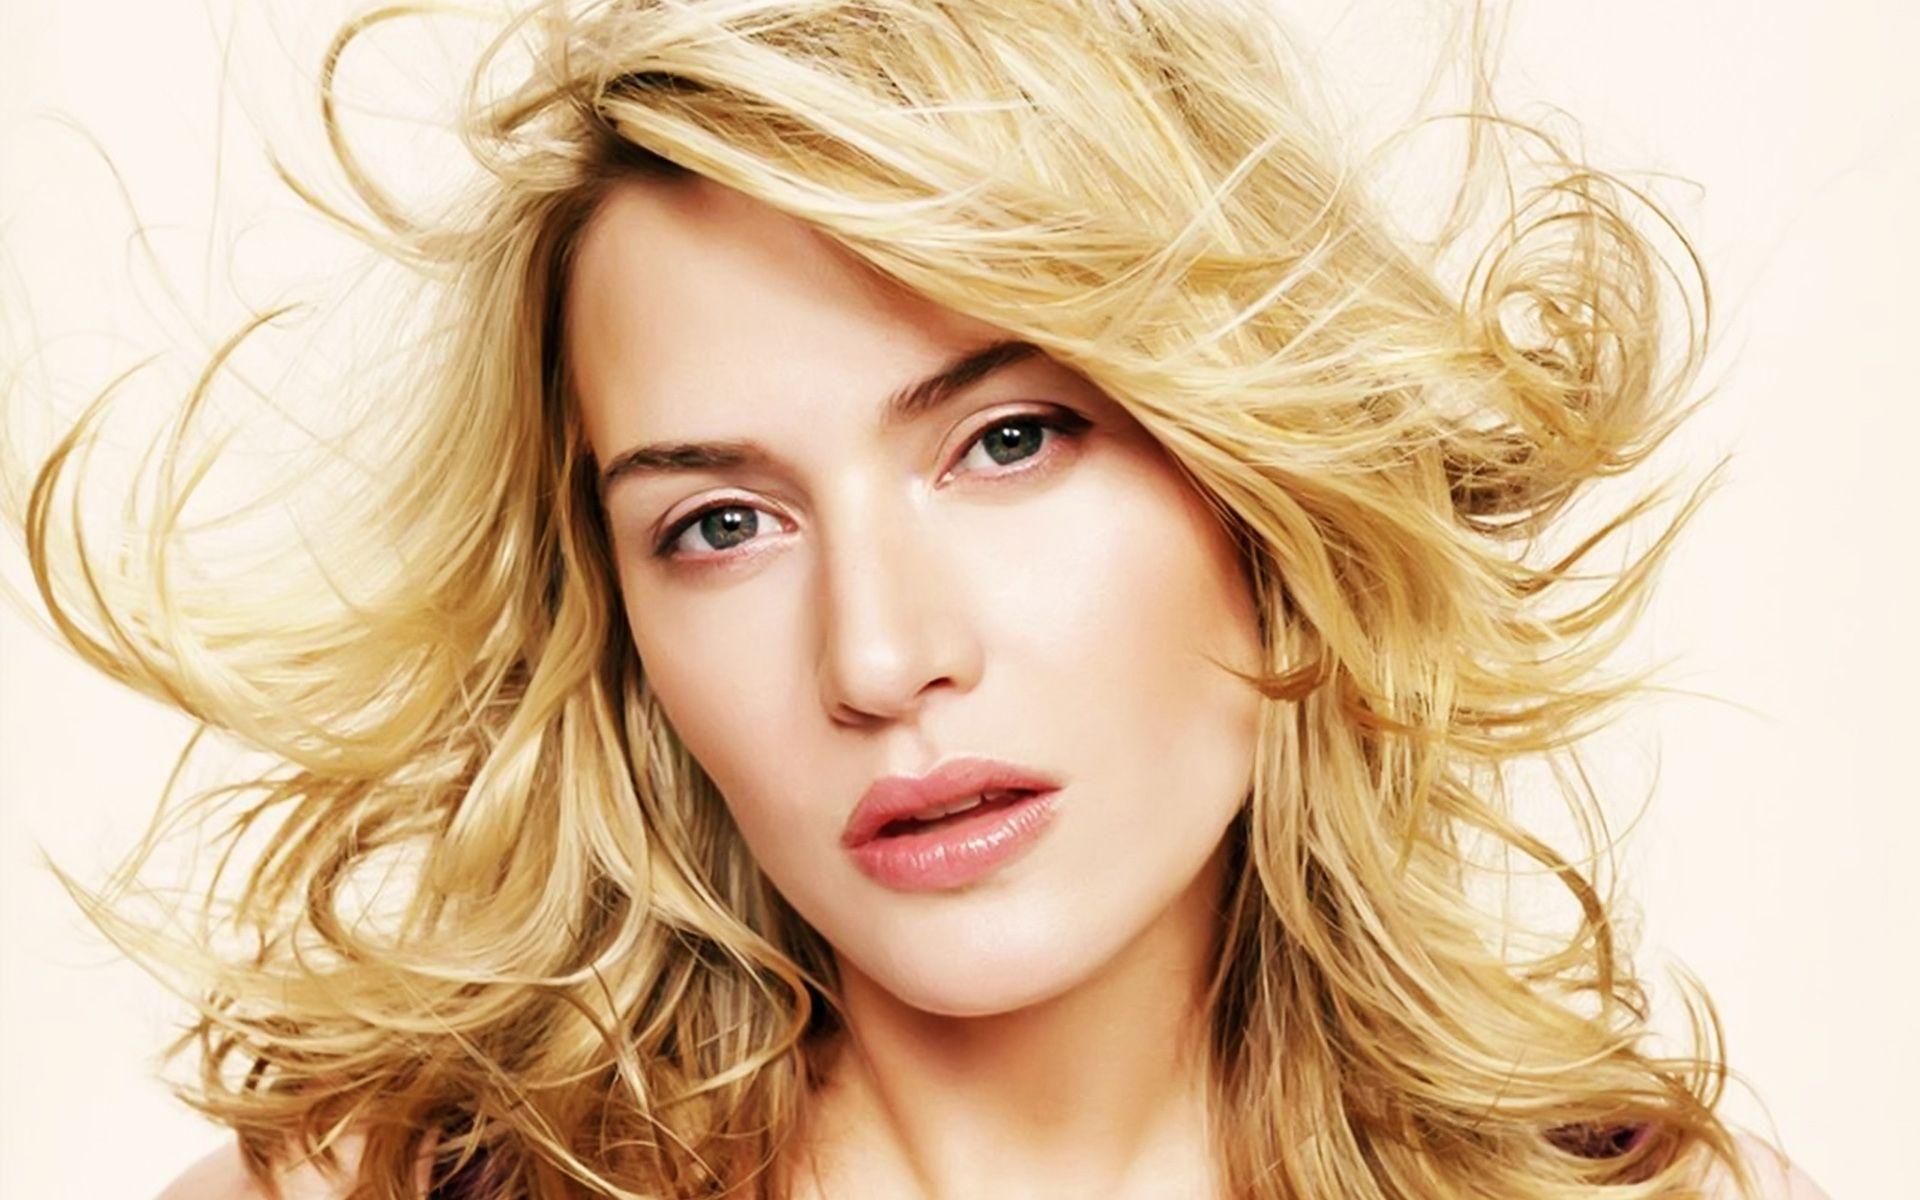 Kate Winslet Wallpaper #1